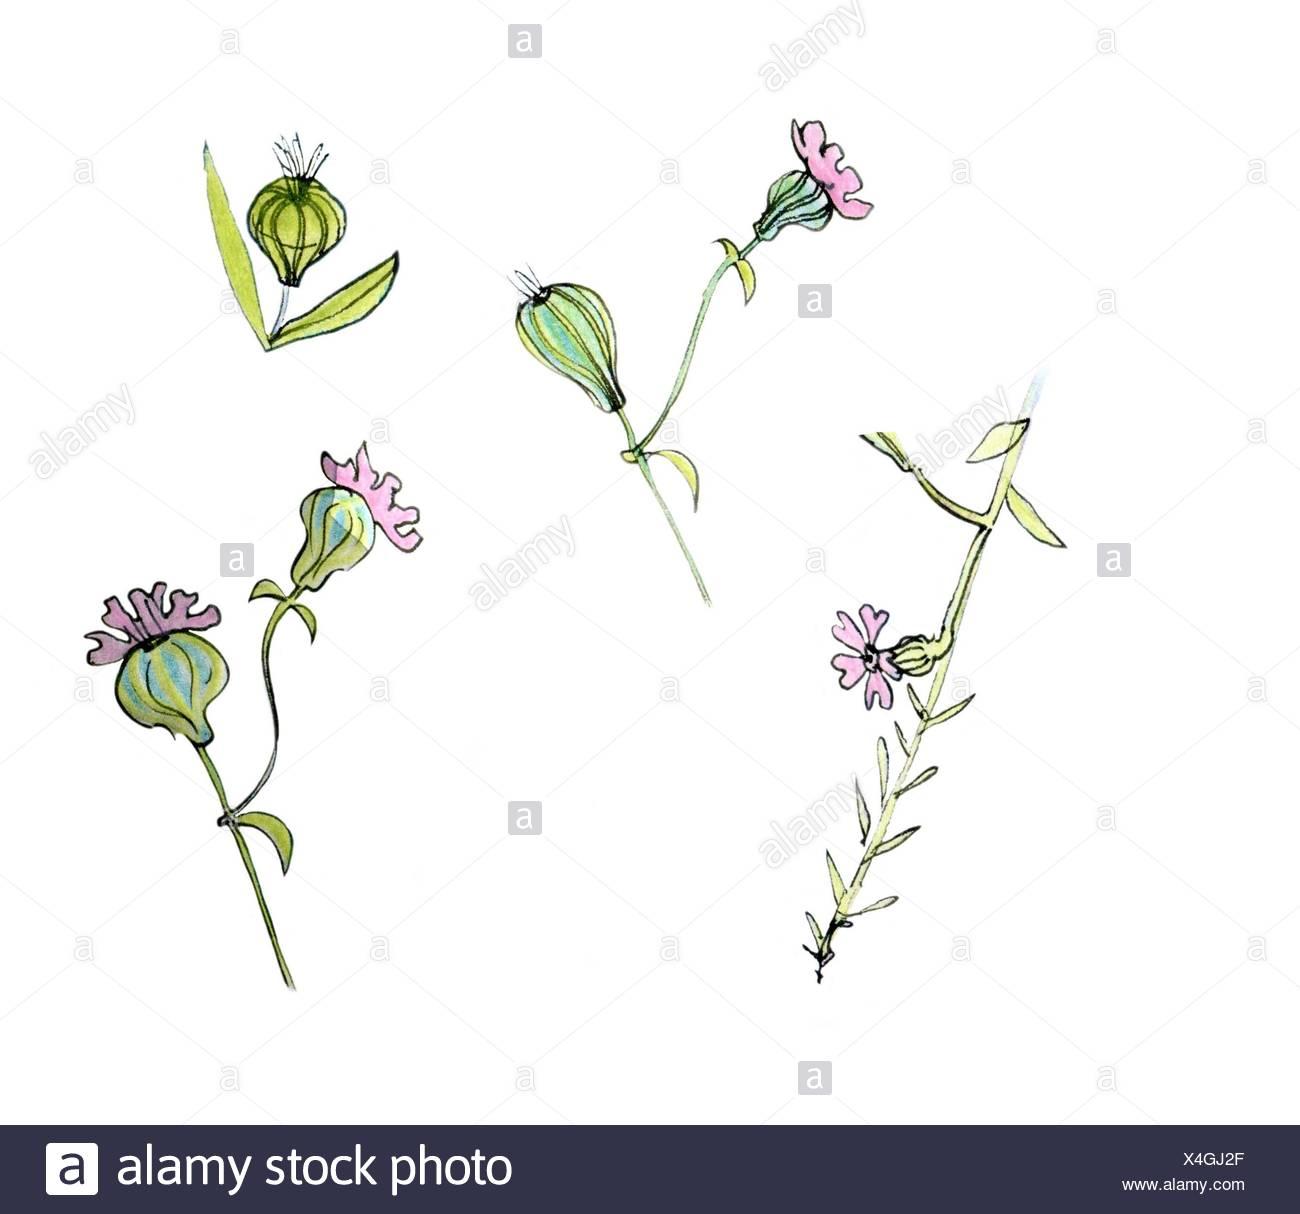 Flores De Color Rosa Dibujo En Rosa Y Verde Foto Imagen De Stock